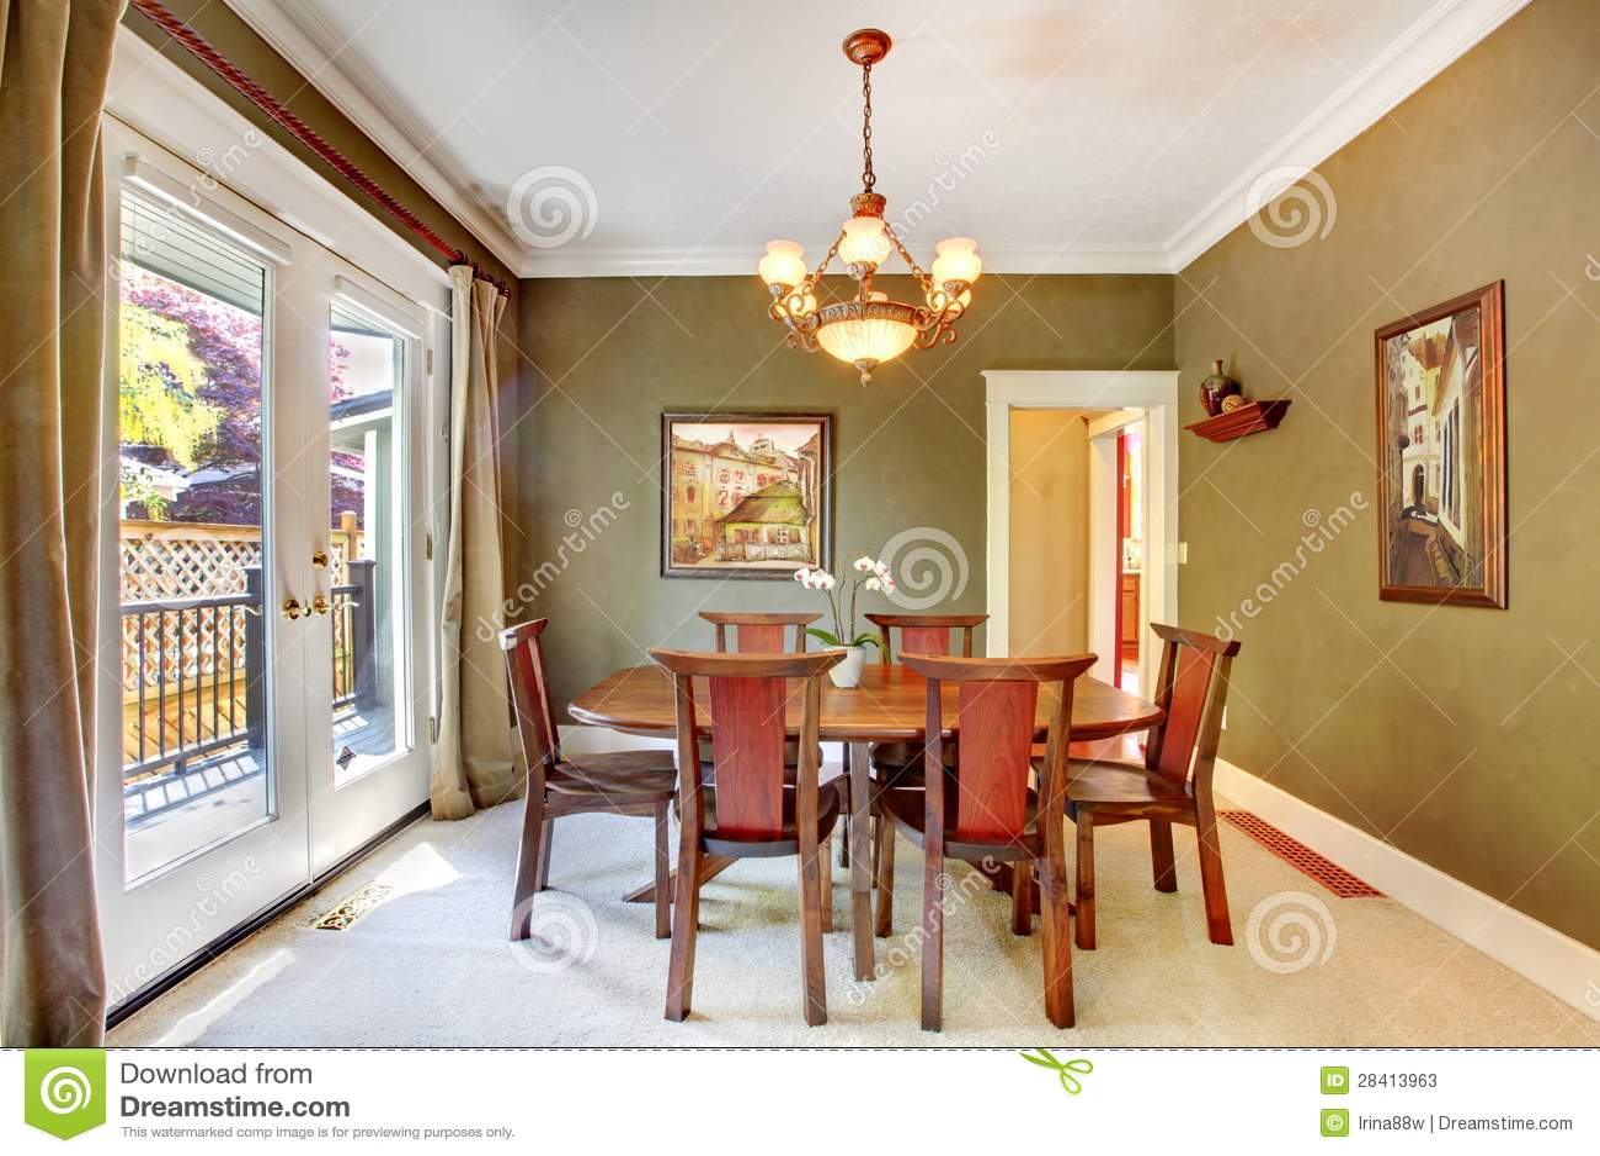 klassieke eetkamer donker landelijk wonen met eikenhouten meubelen